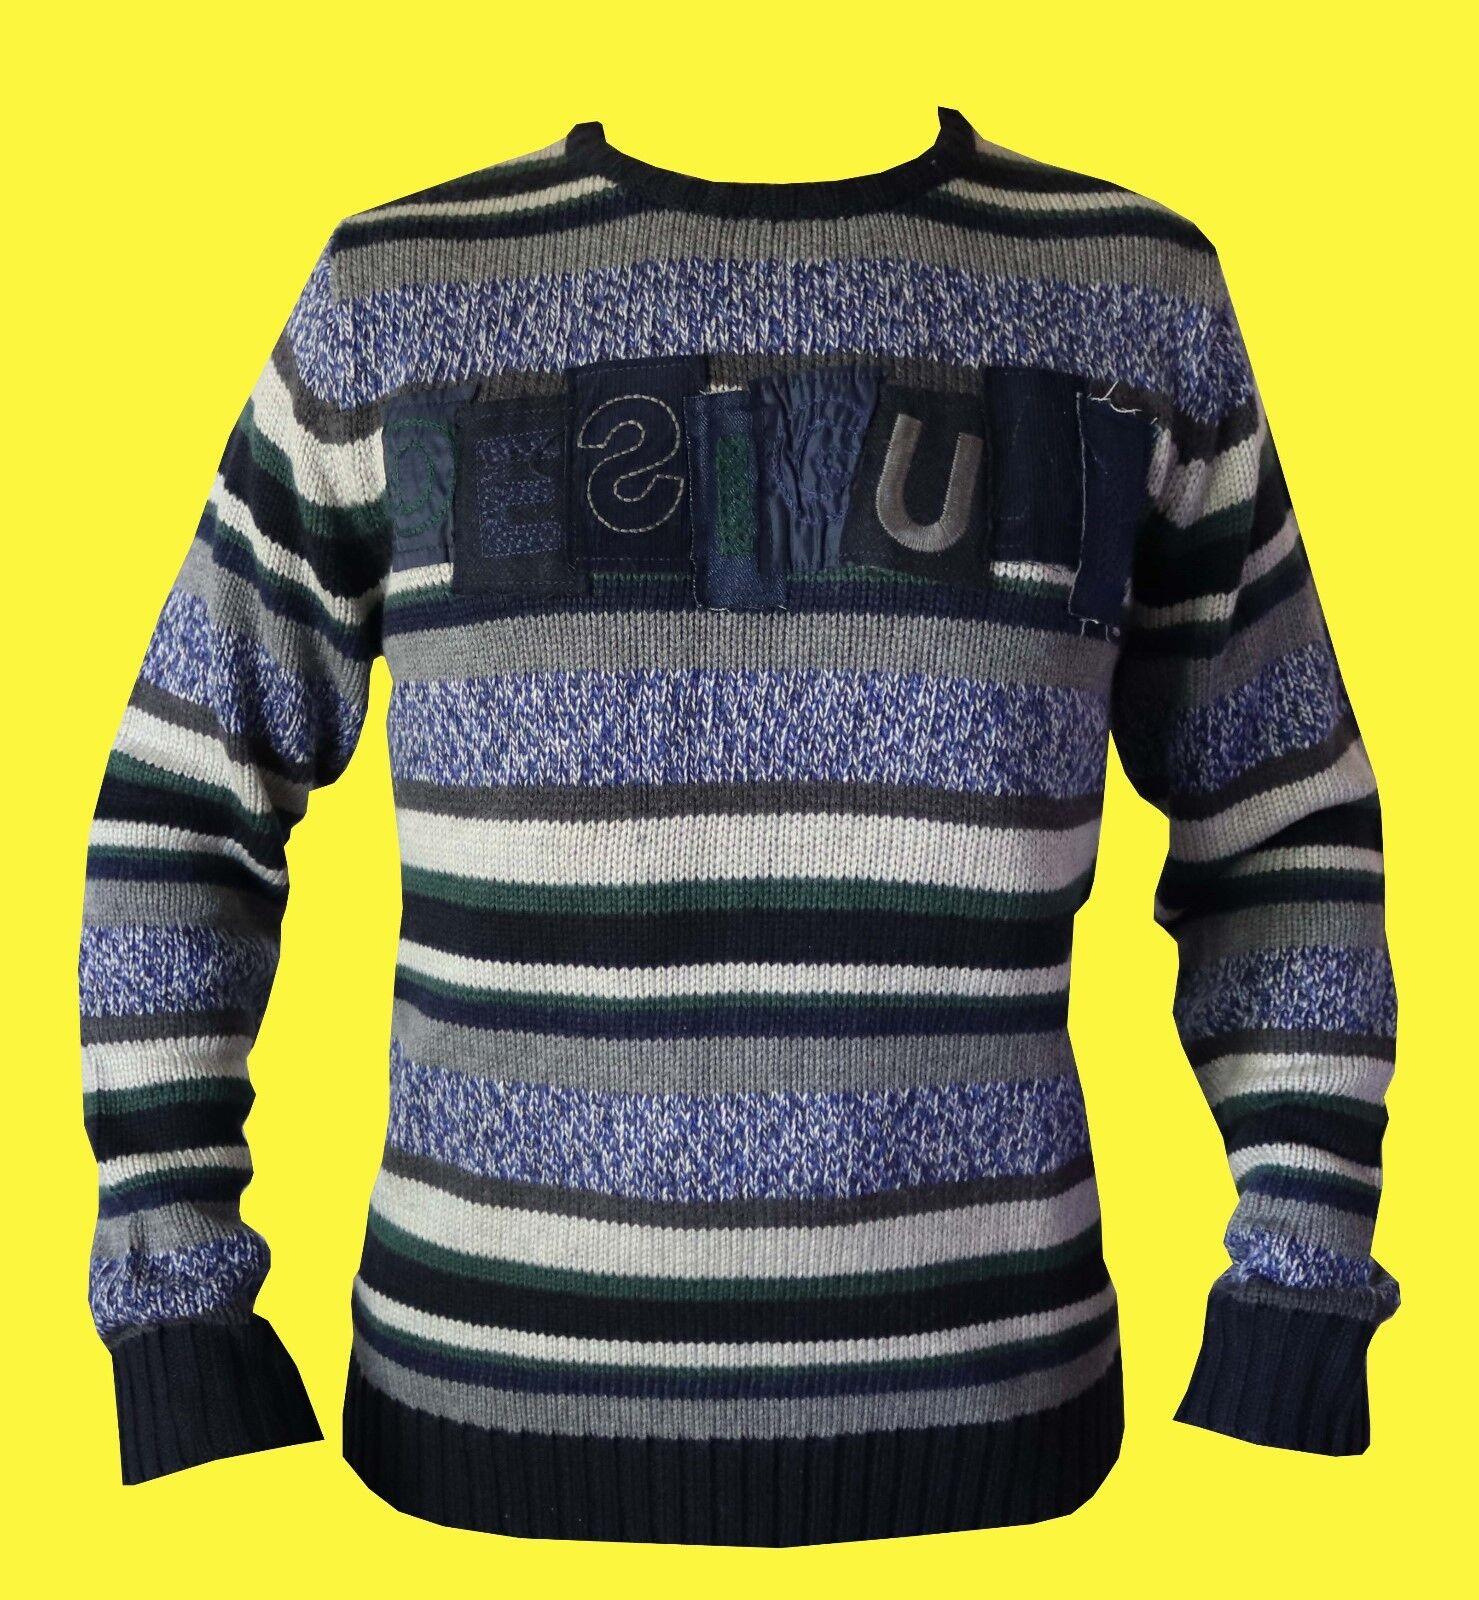 DESIGUAL PULLOVER/ Wollpullover für Herren  Jers_Branding_List  NEU  GR. M